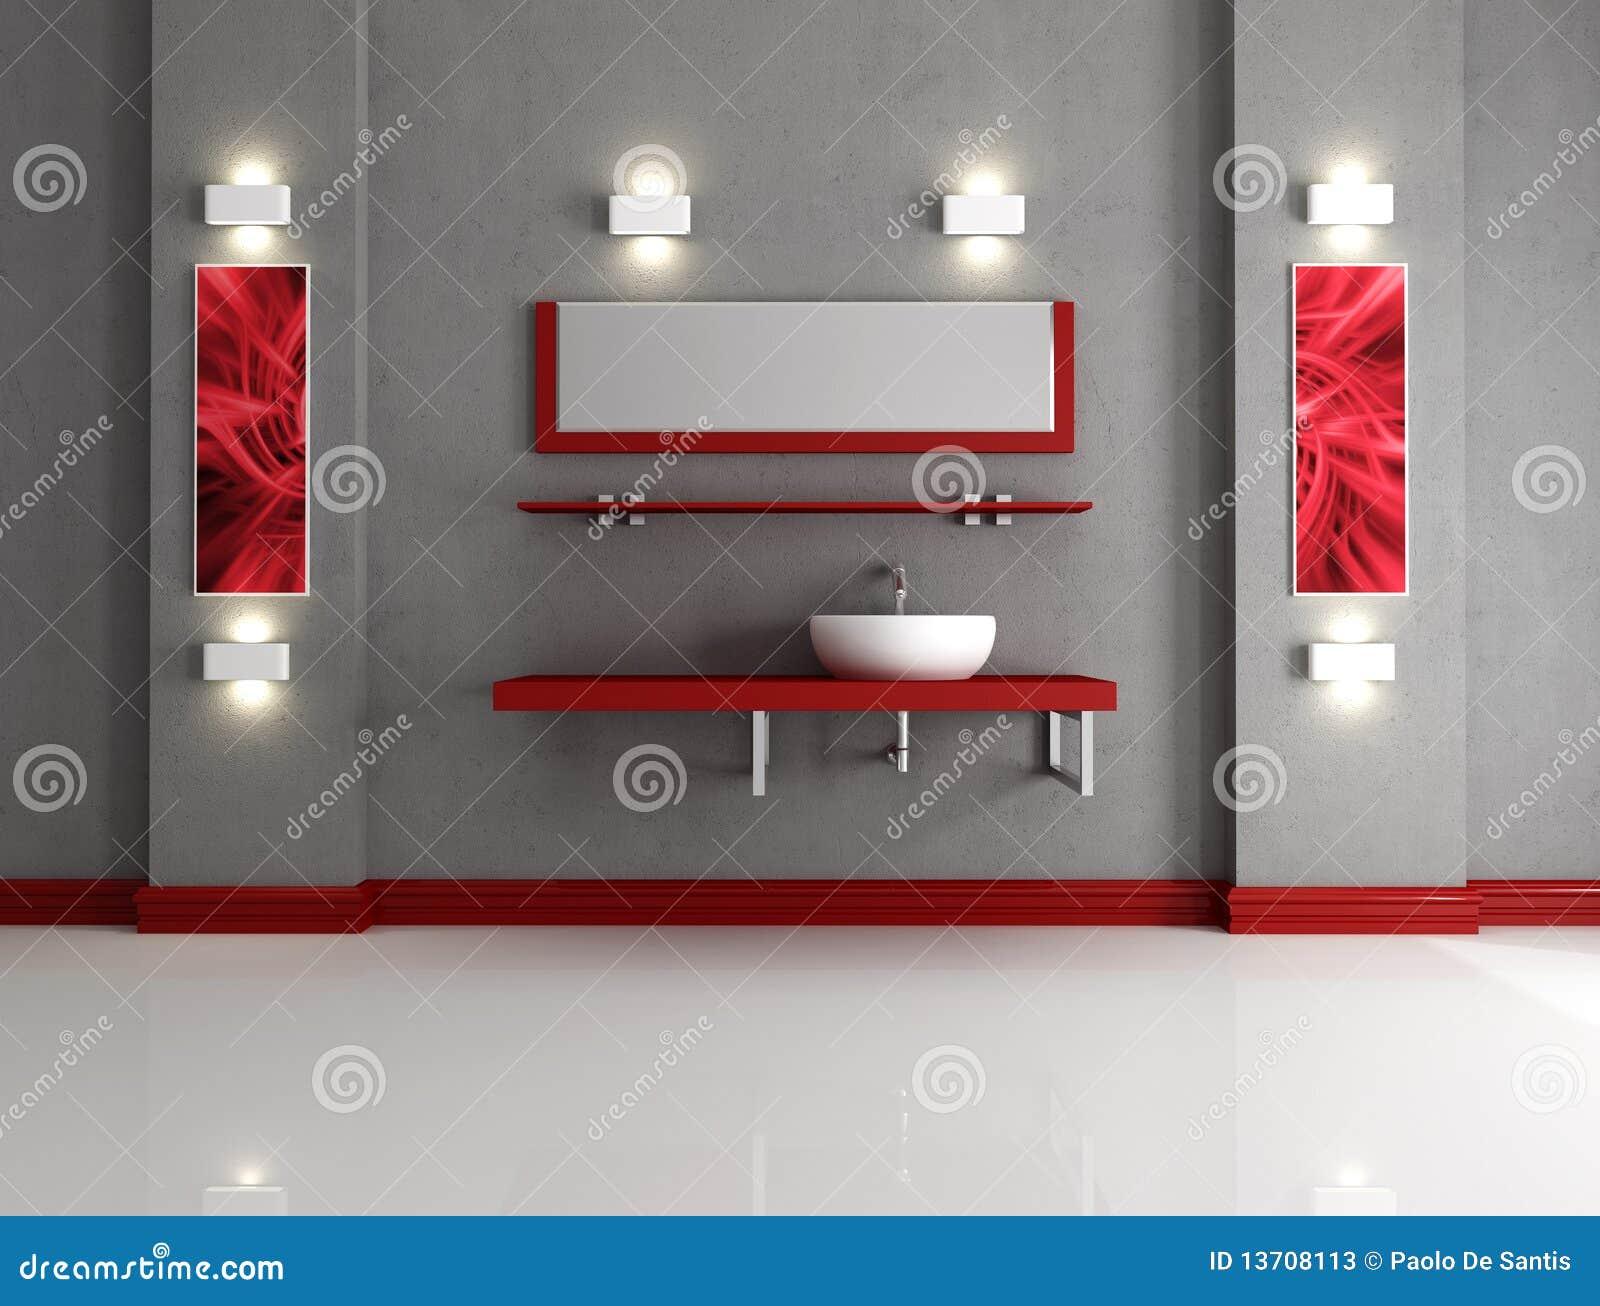 Baño Minimalista Rojo:Cuarto De Baño Minimalista Fotos de archivo – Imagen: 13708113